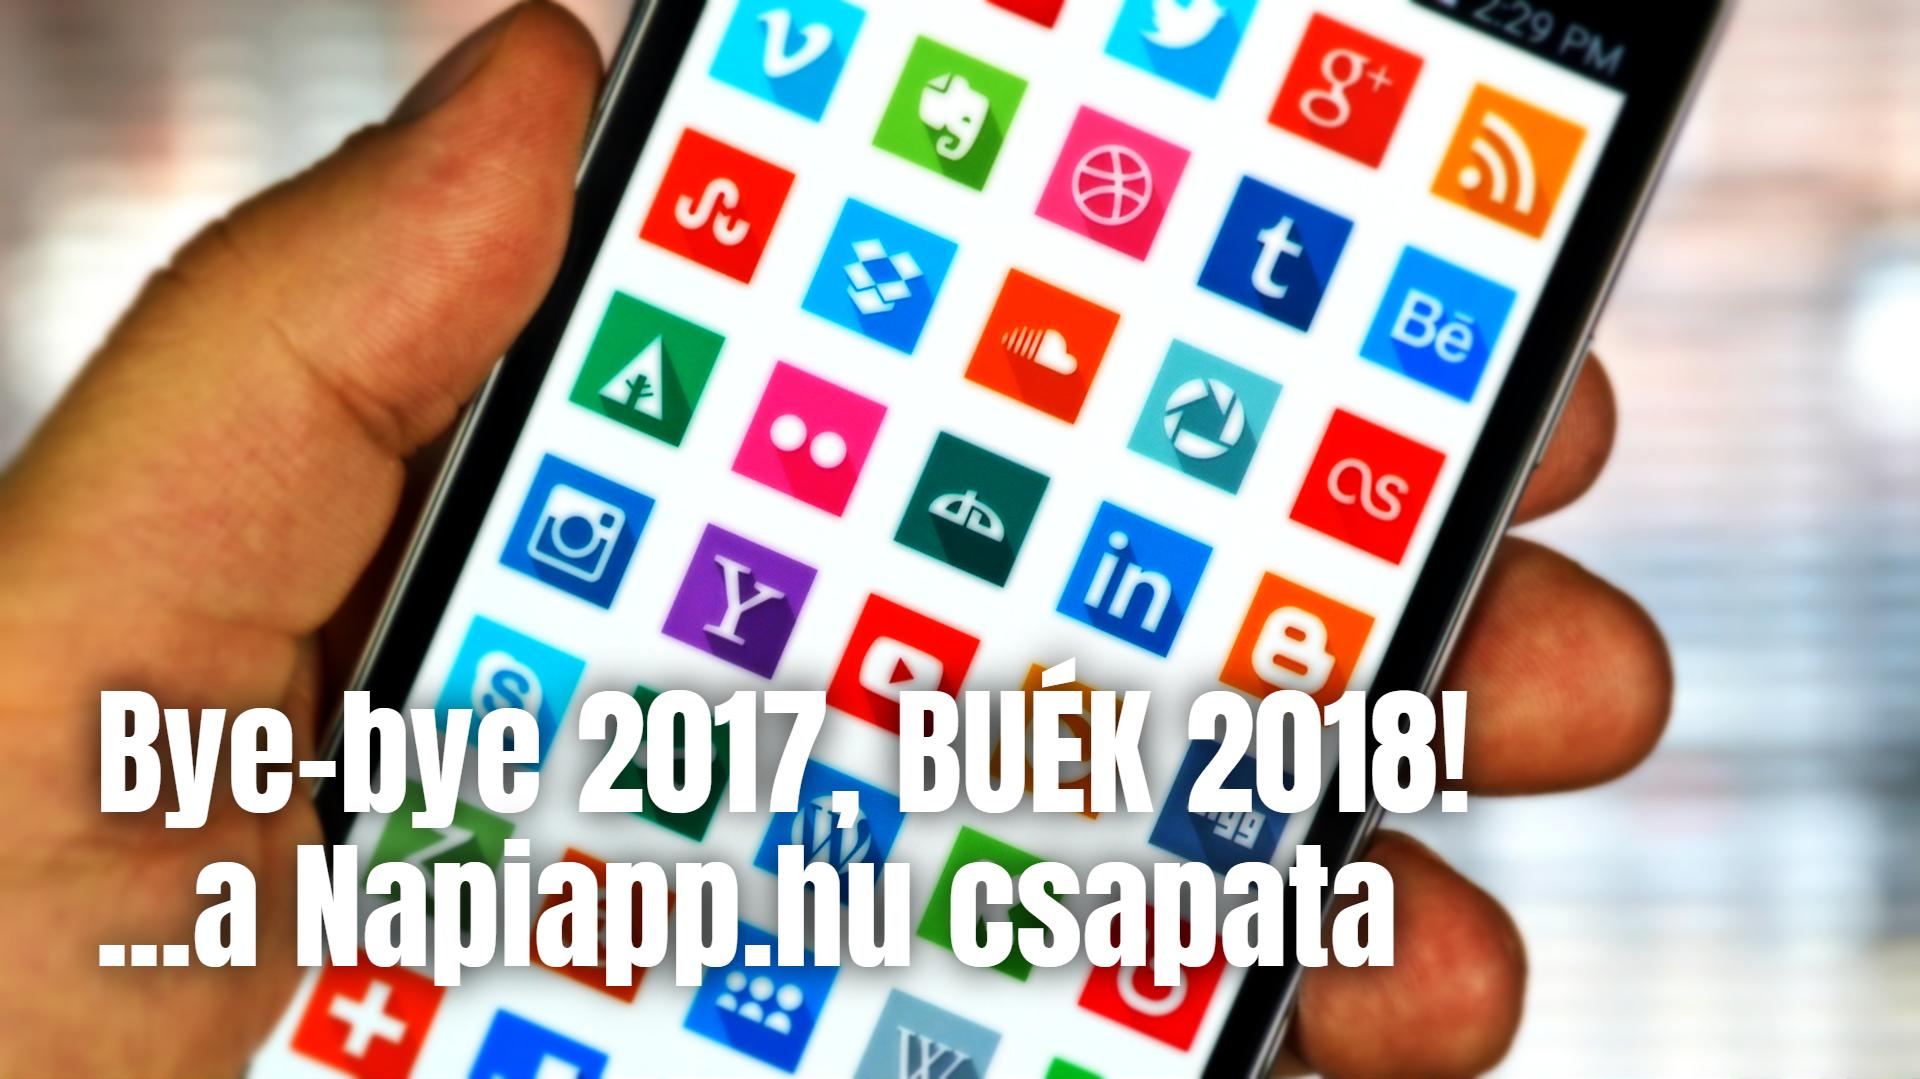 buek2018.png